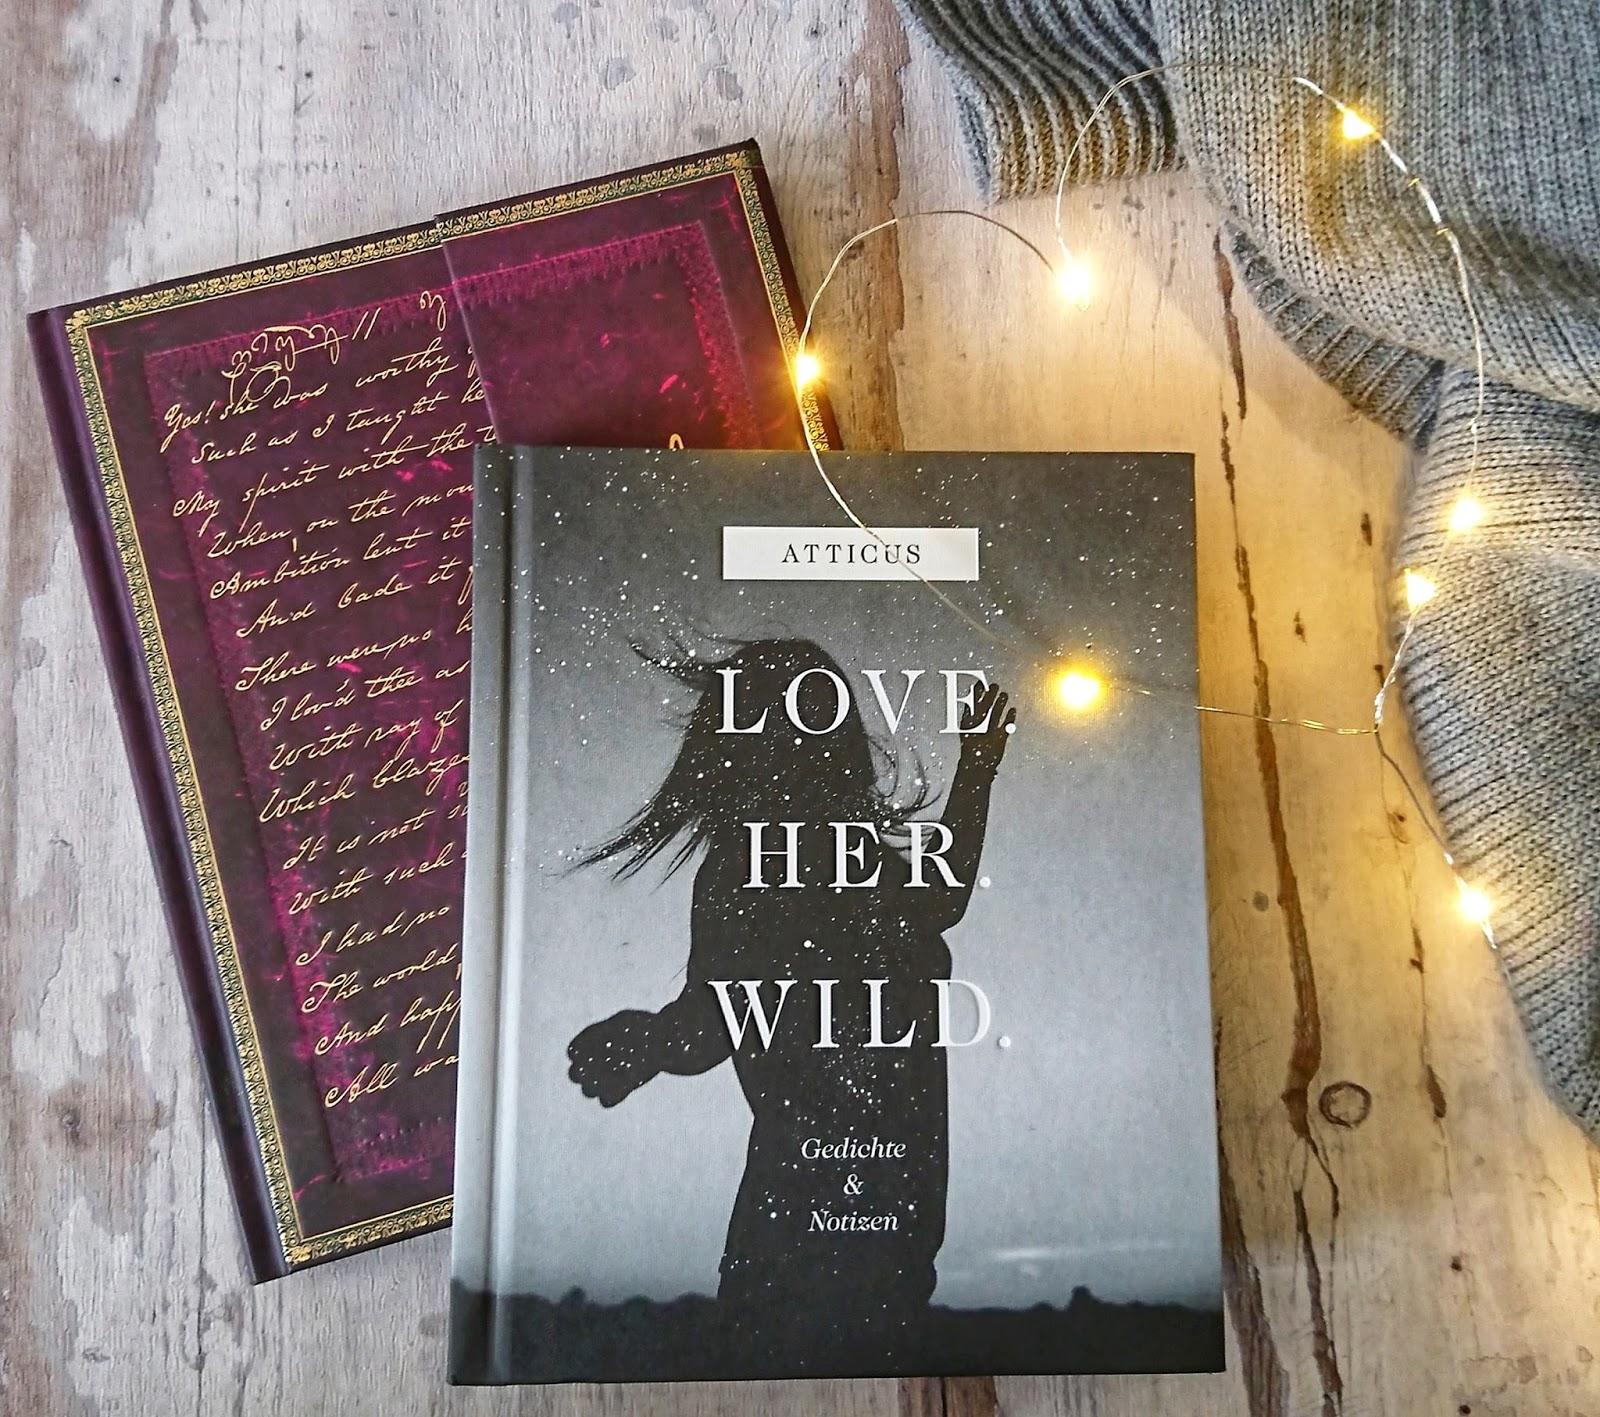 Ina S Little Bakery Love Her Wild Gedichte Und Notizen